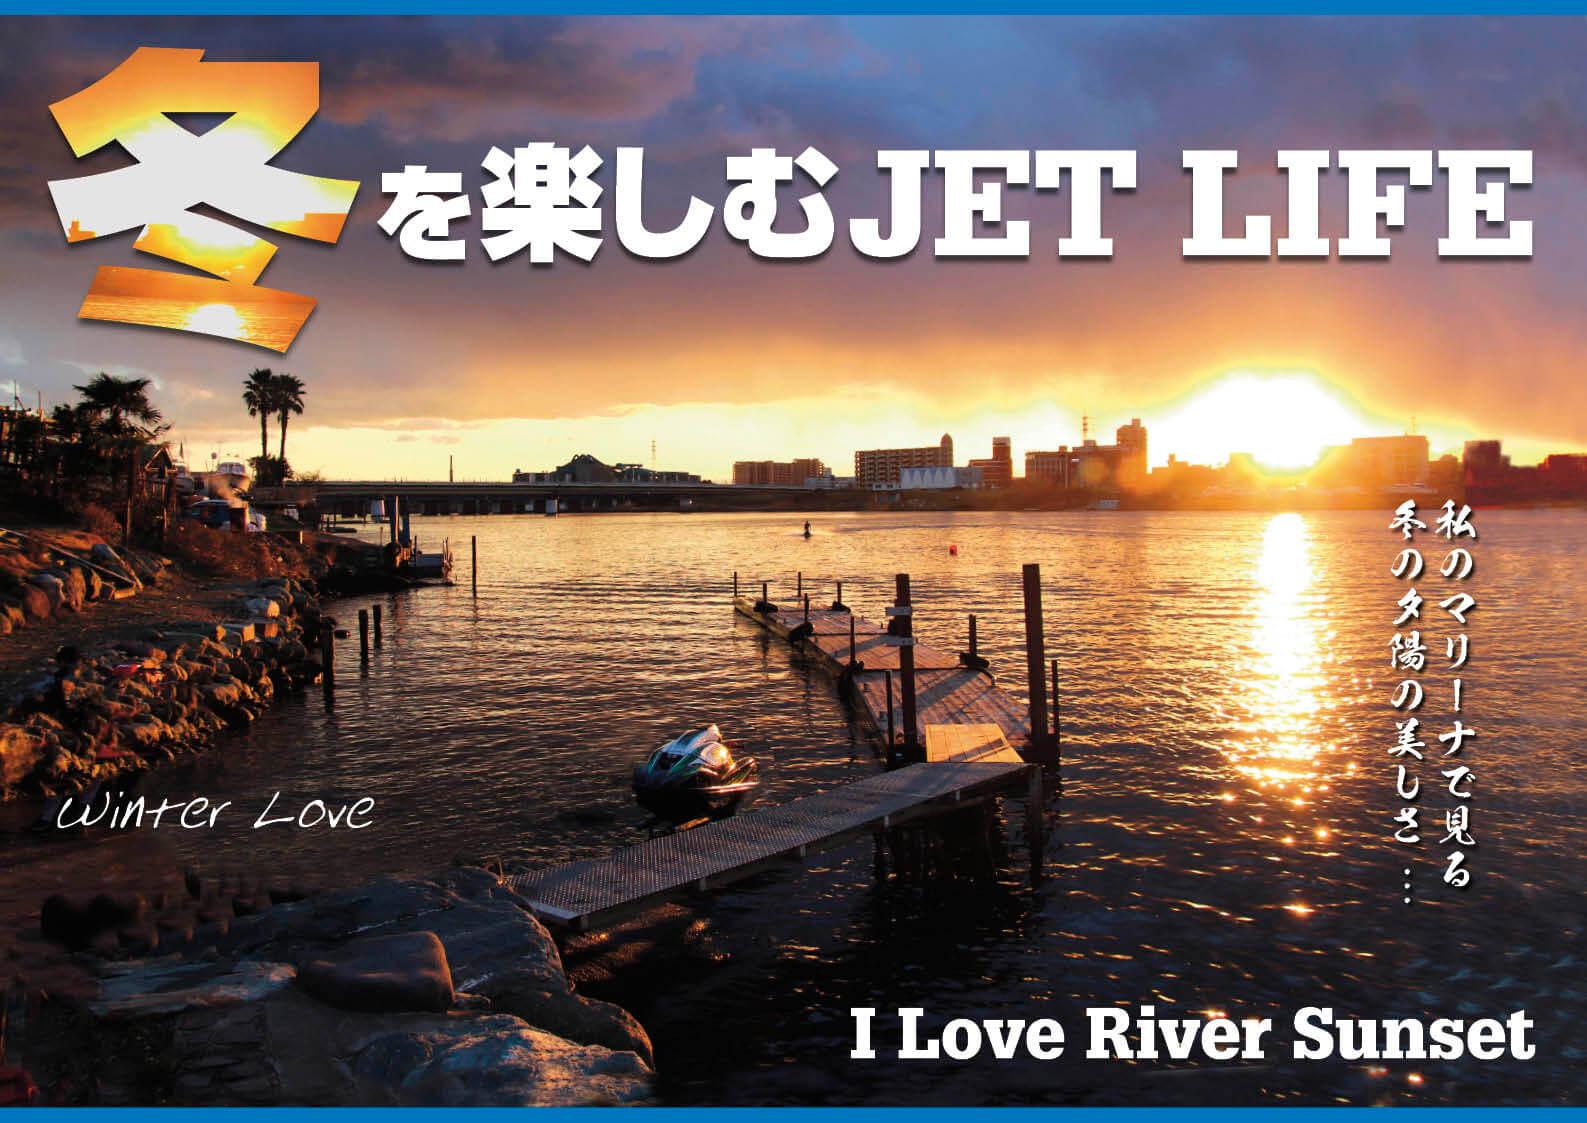 冬を楽しむJET LIFE!! ぬくぬく装備&製作方法 (水上バイク)ジェットスキー